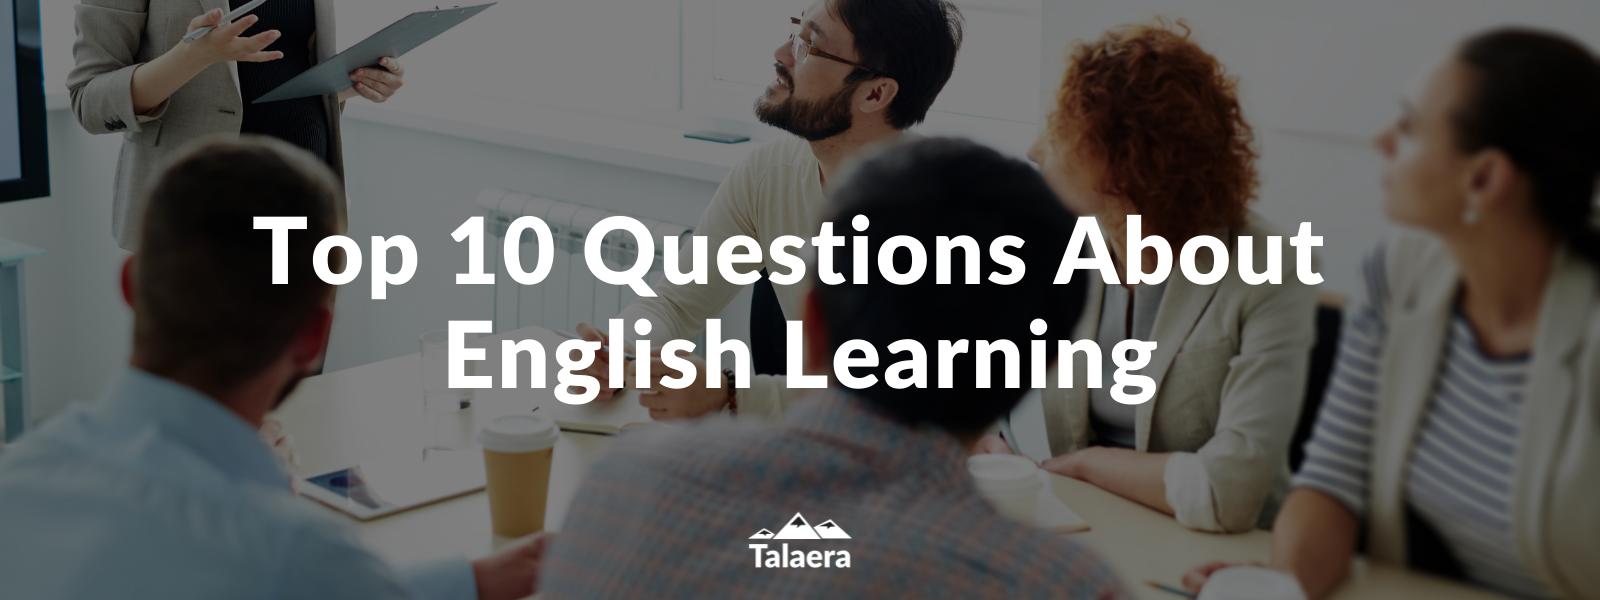 English Language Learning - Talaera Business English